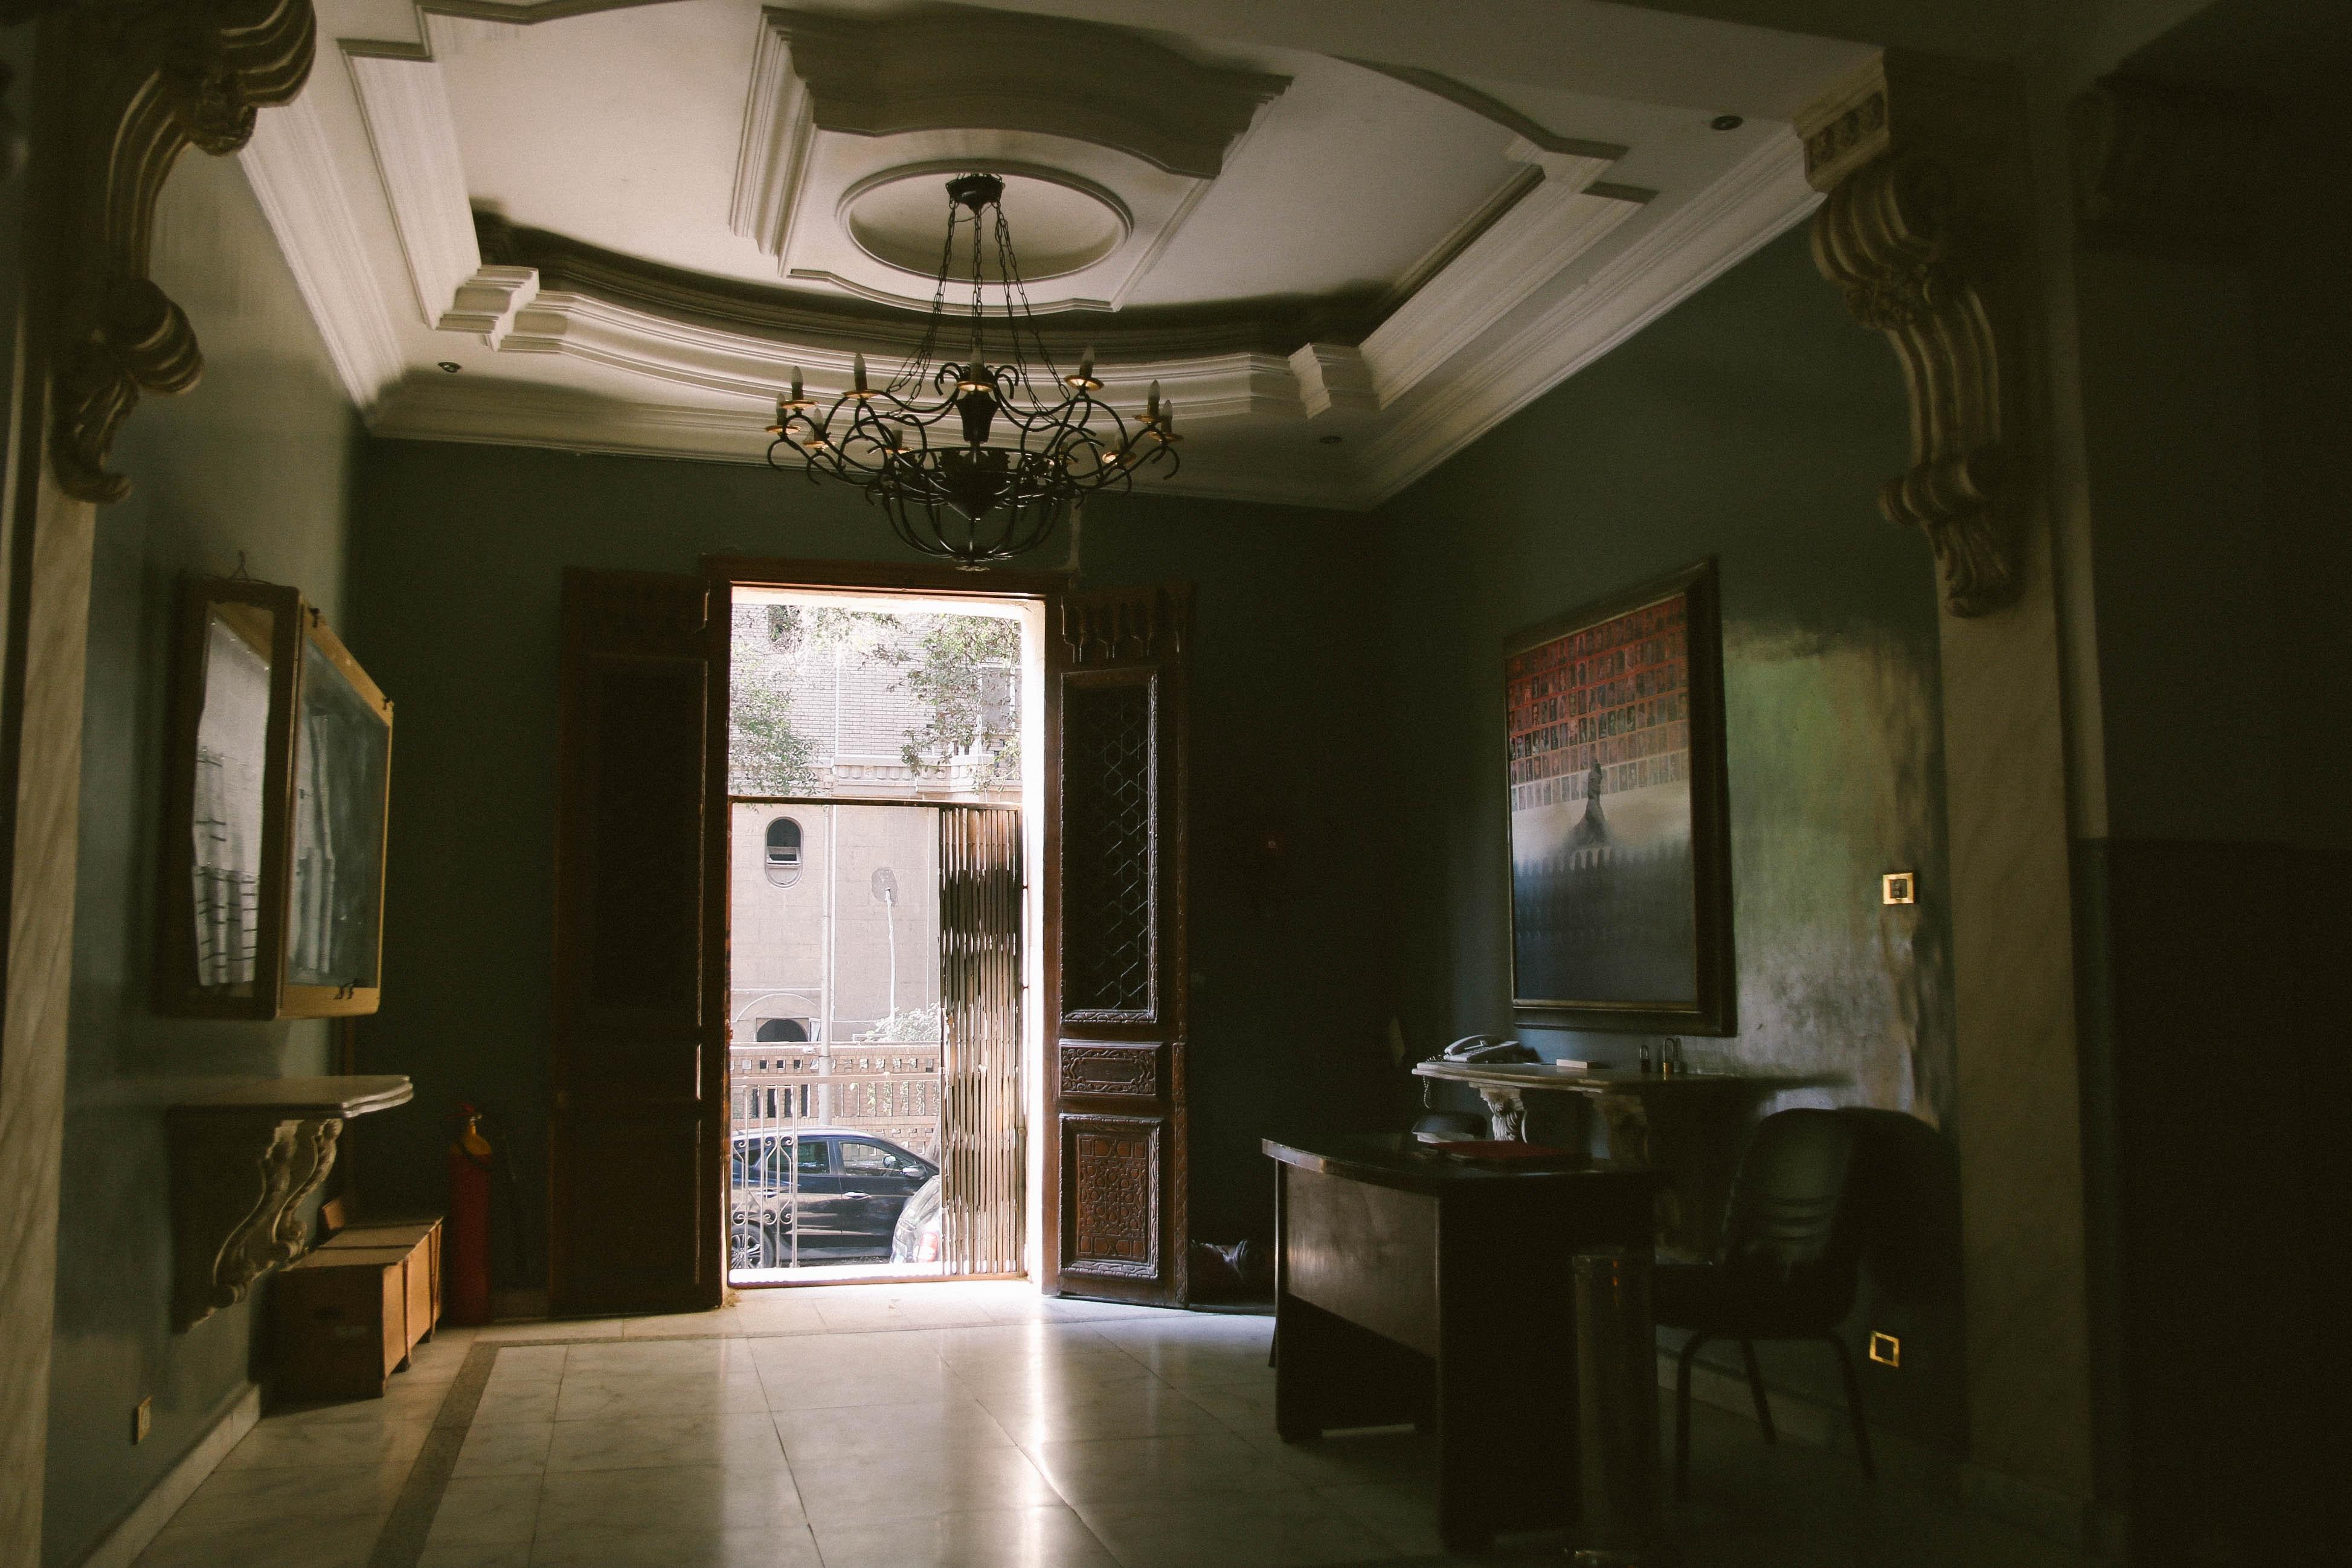 Déco D Entrée Maison images gratuites : architecture, plafond, chaise, lustre